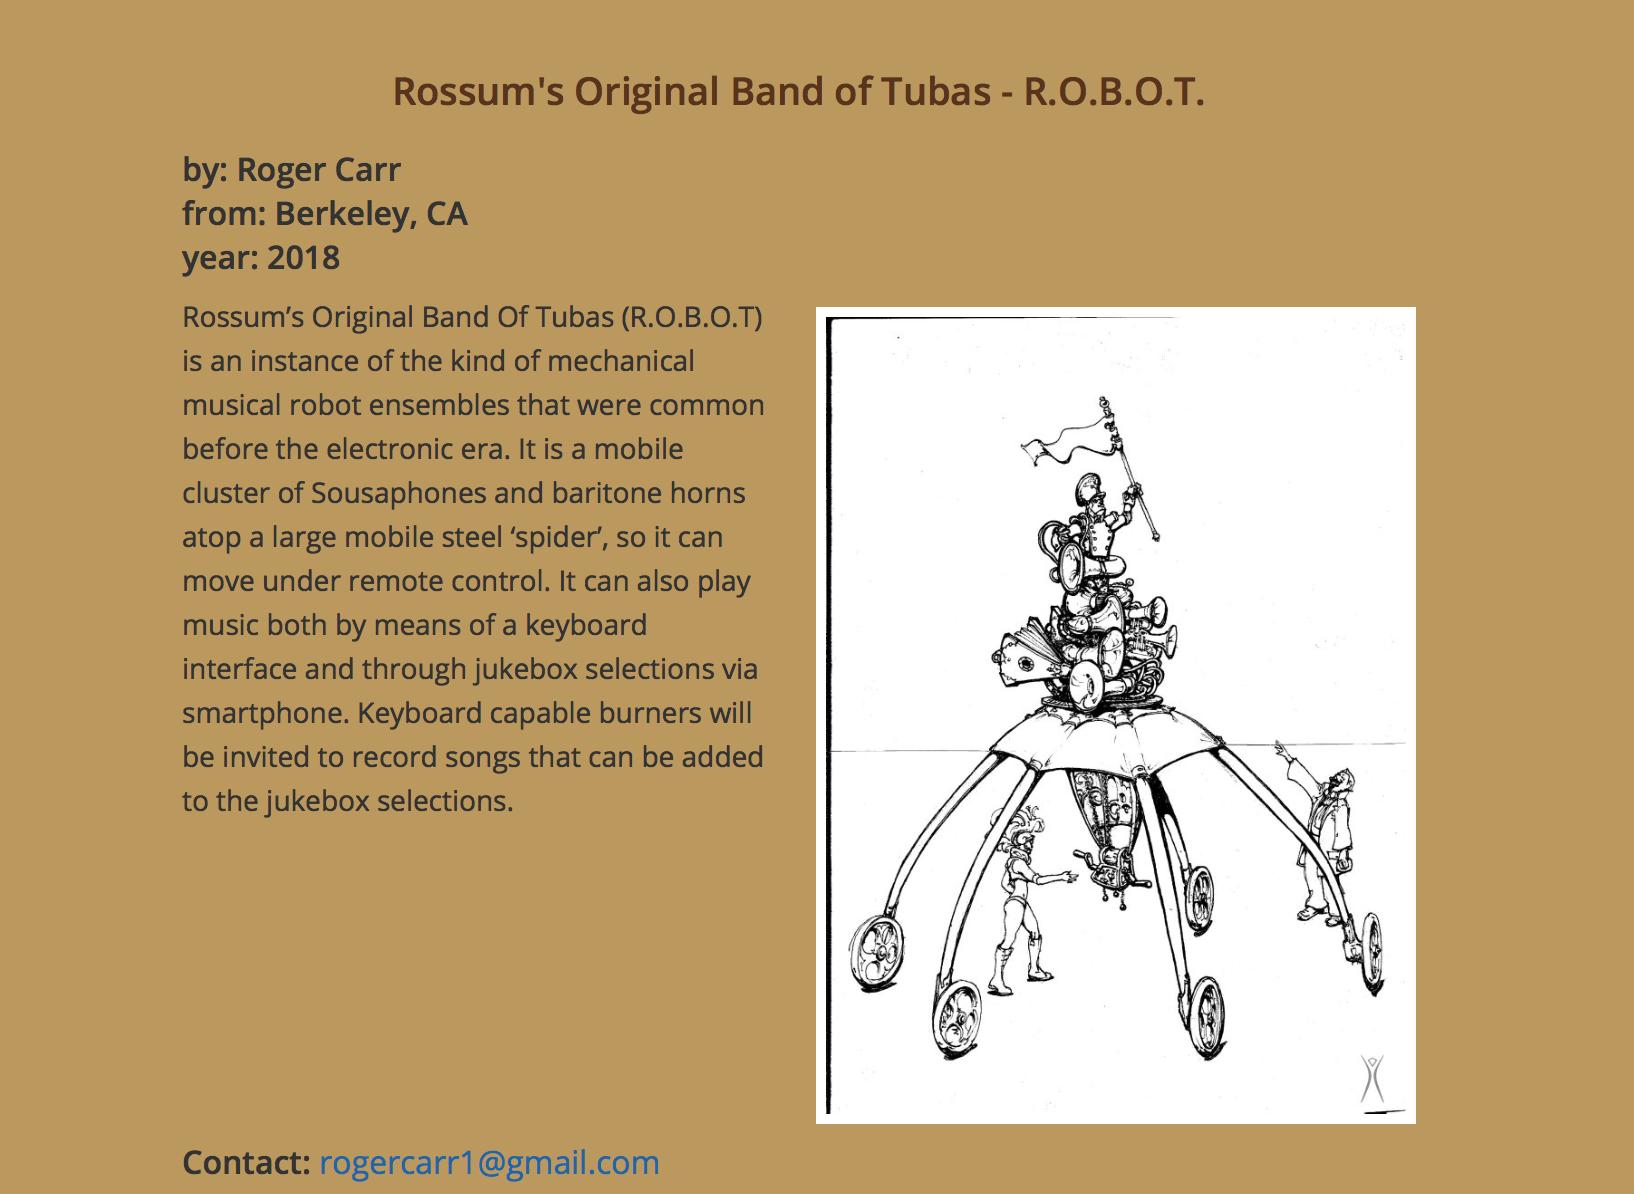 Rossum's Original Band